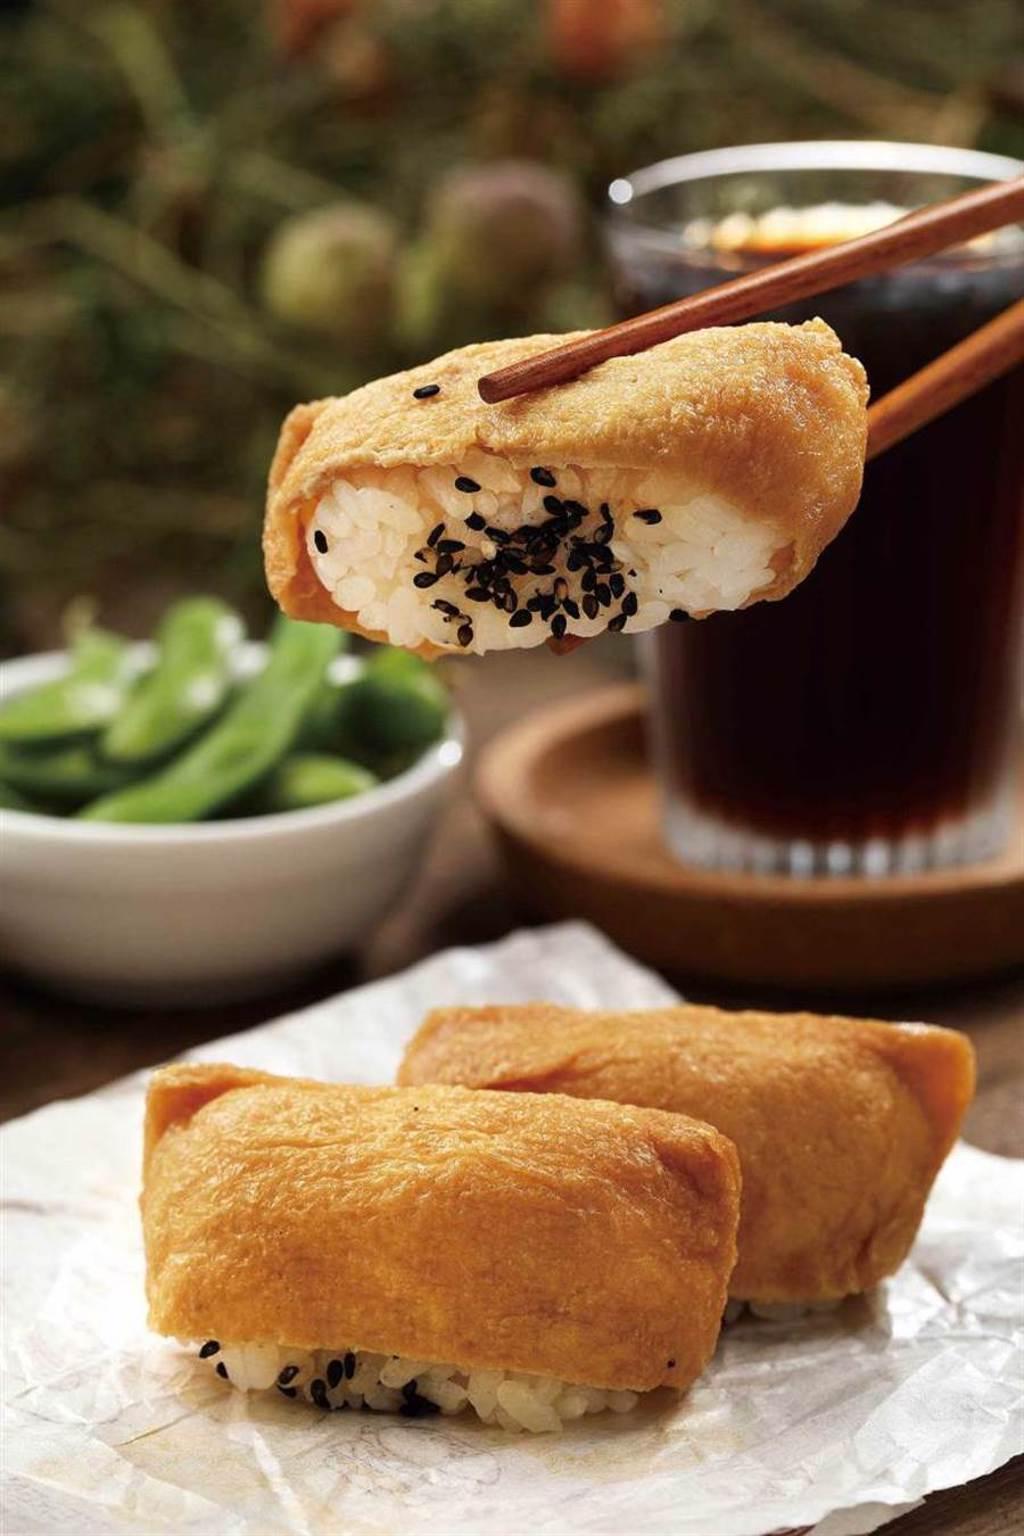 內含青草粉的「青草稻荷」,讓青草不只能喝,也能吃得到。(小50元、大70元)(圖/于魯光攝)